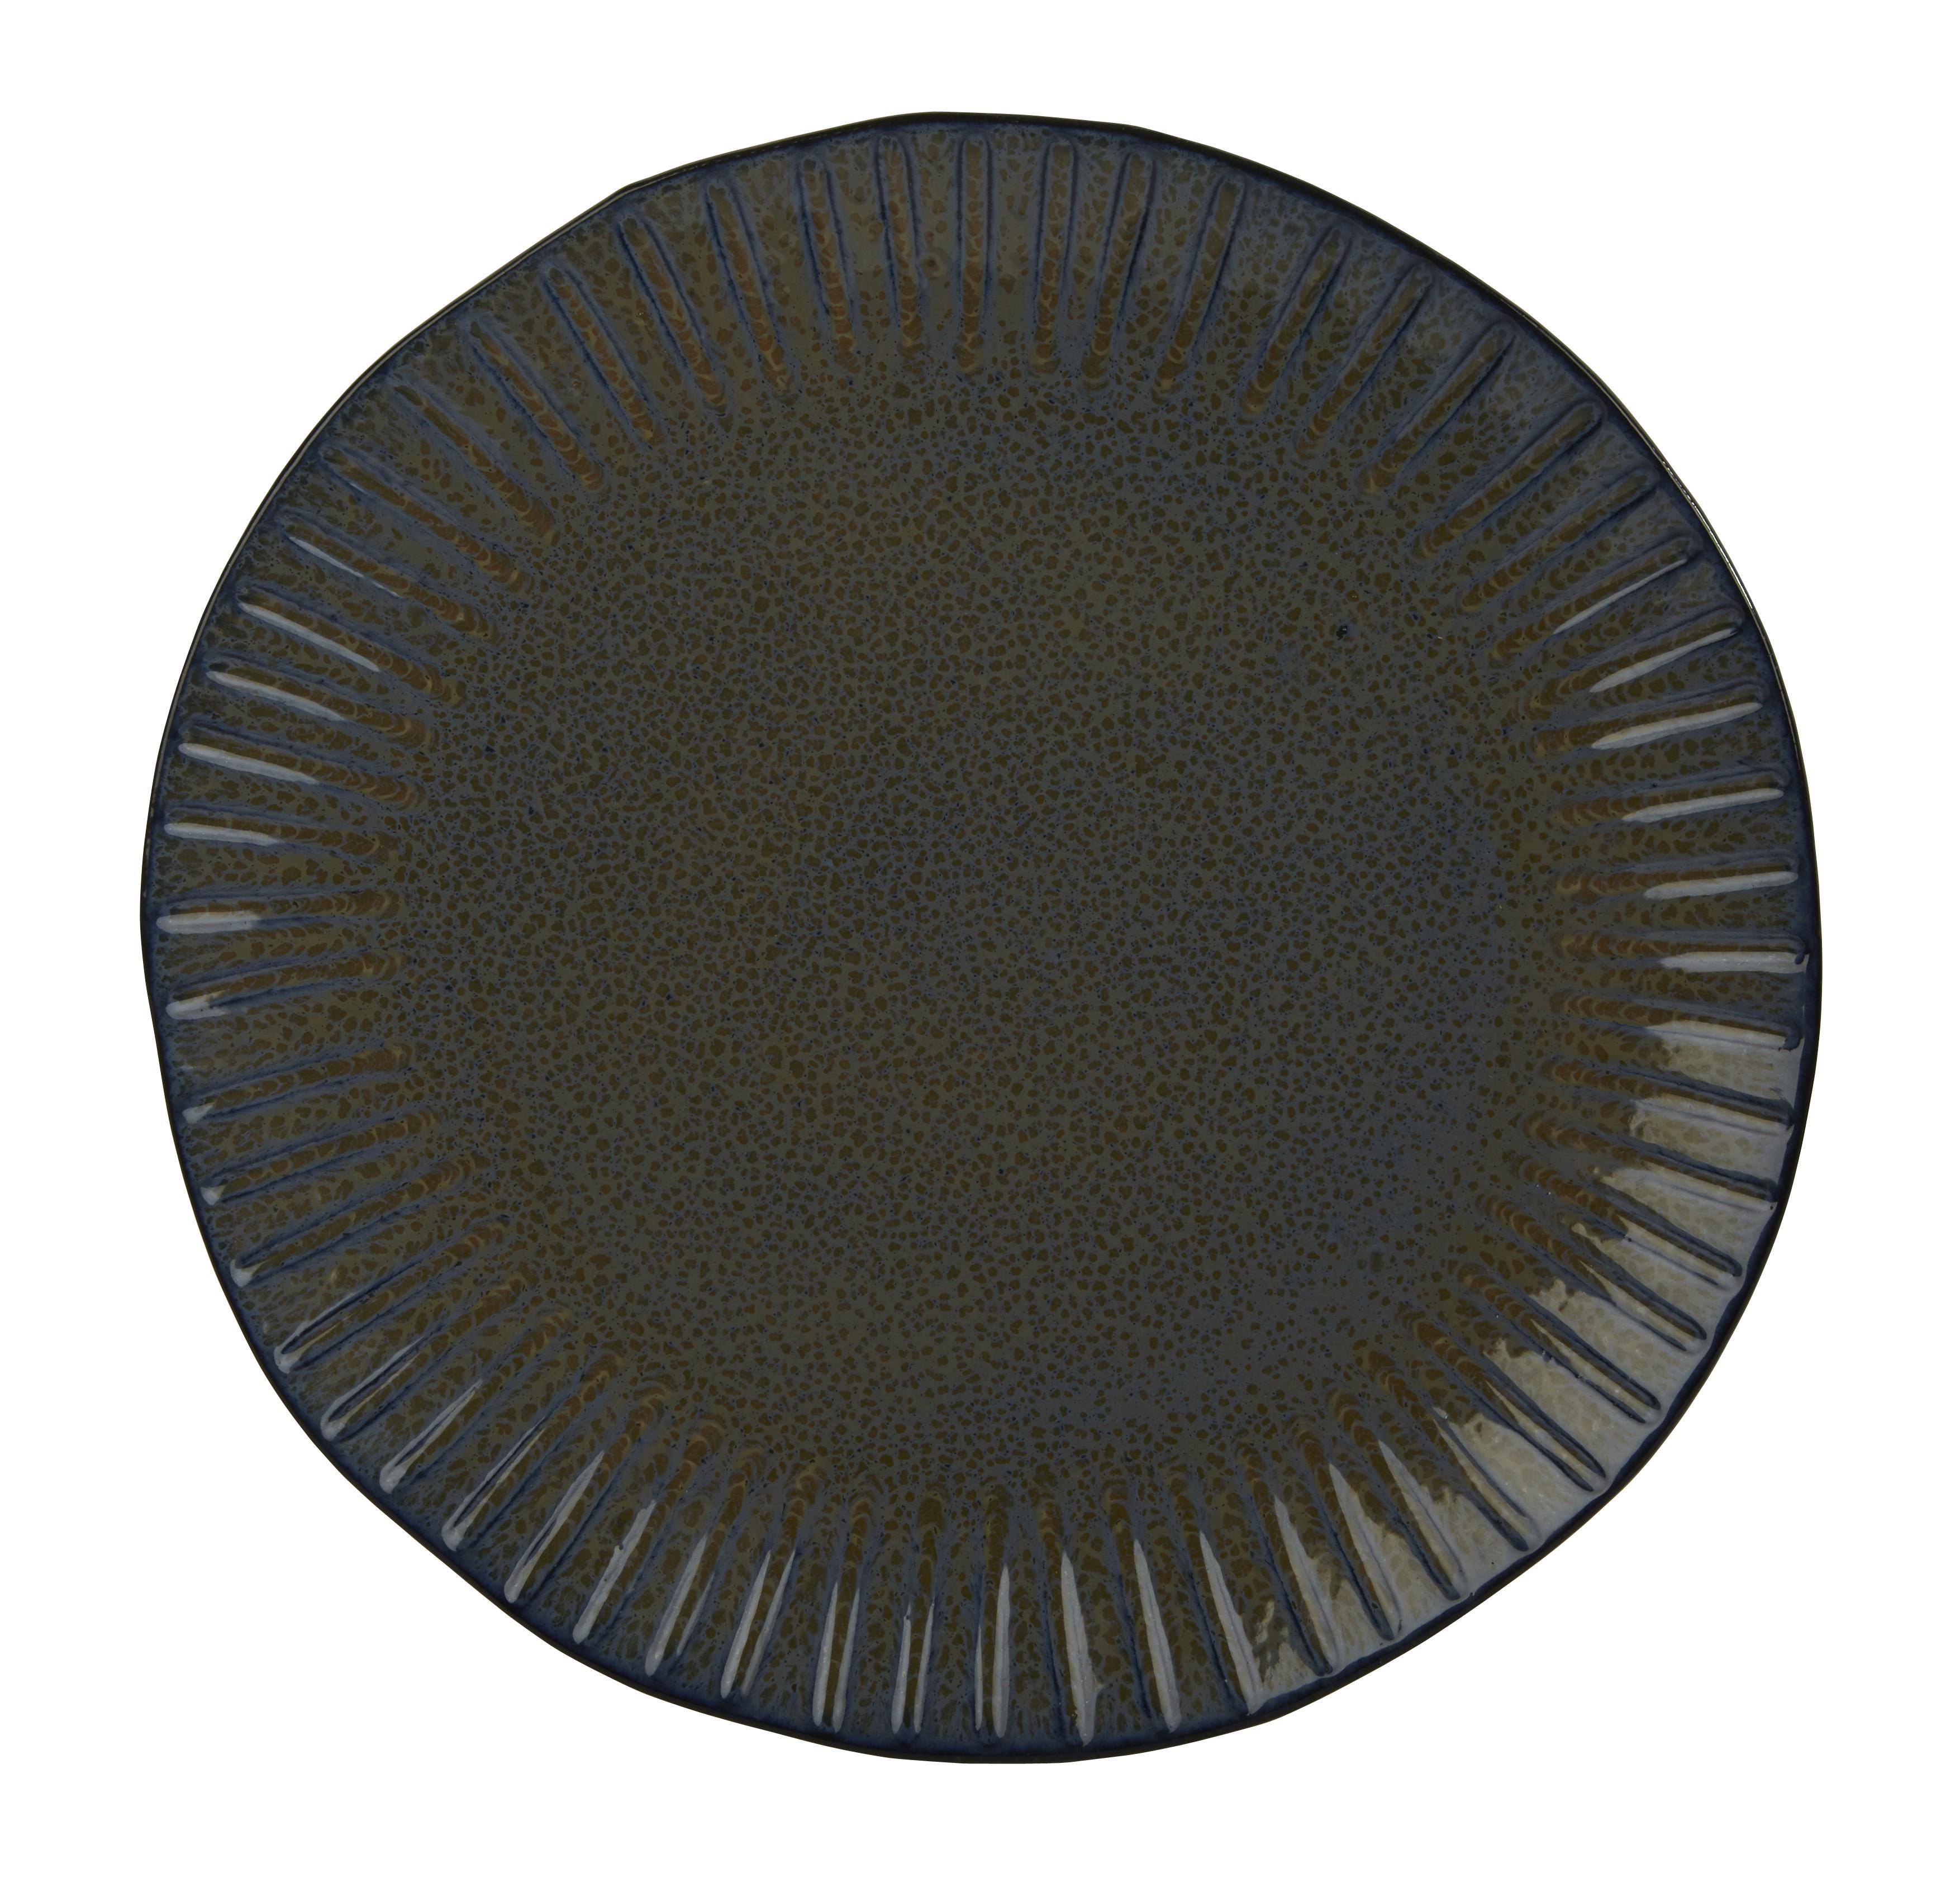 Rustico cargador Egeo Impresiones 31cm Plate